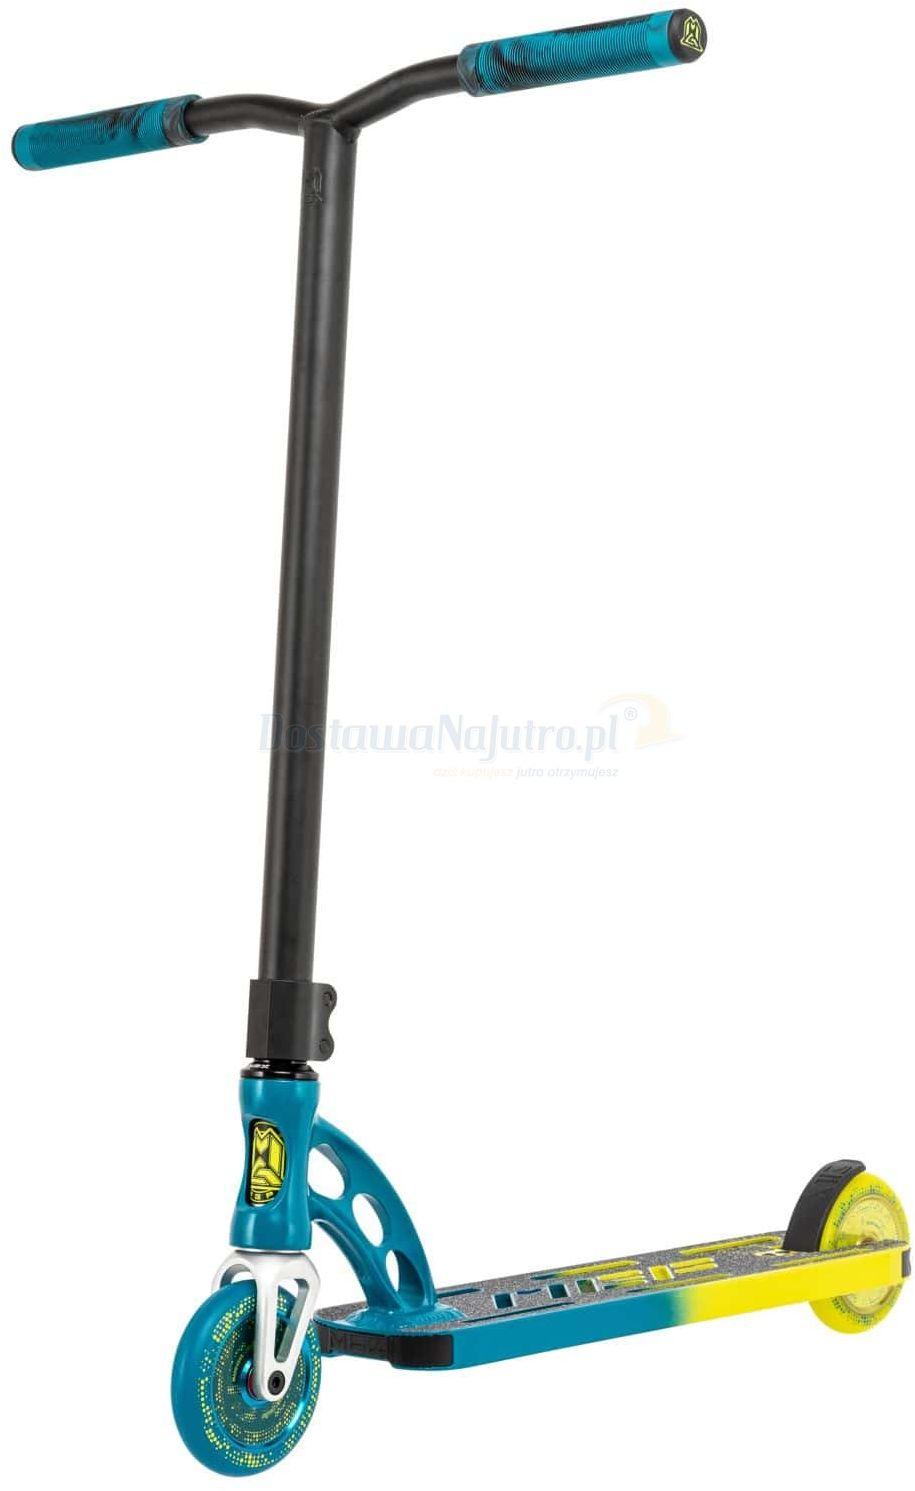 Hulajnoga wyczynowa Stunt Madd Gear MGP Origin Pro Faded 110 mm yellow petrol model 2021